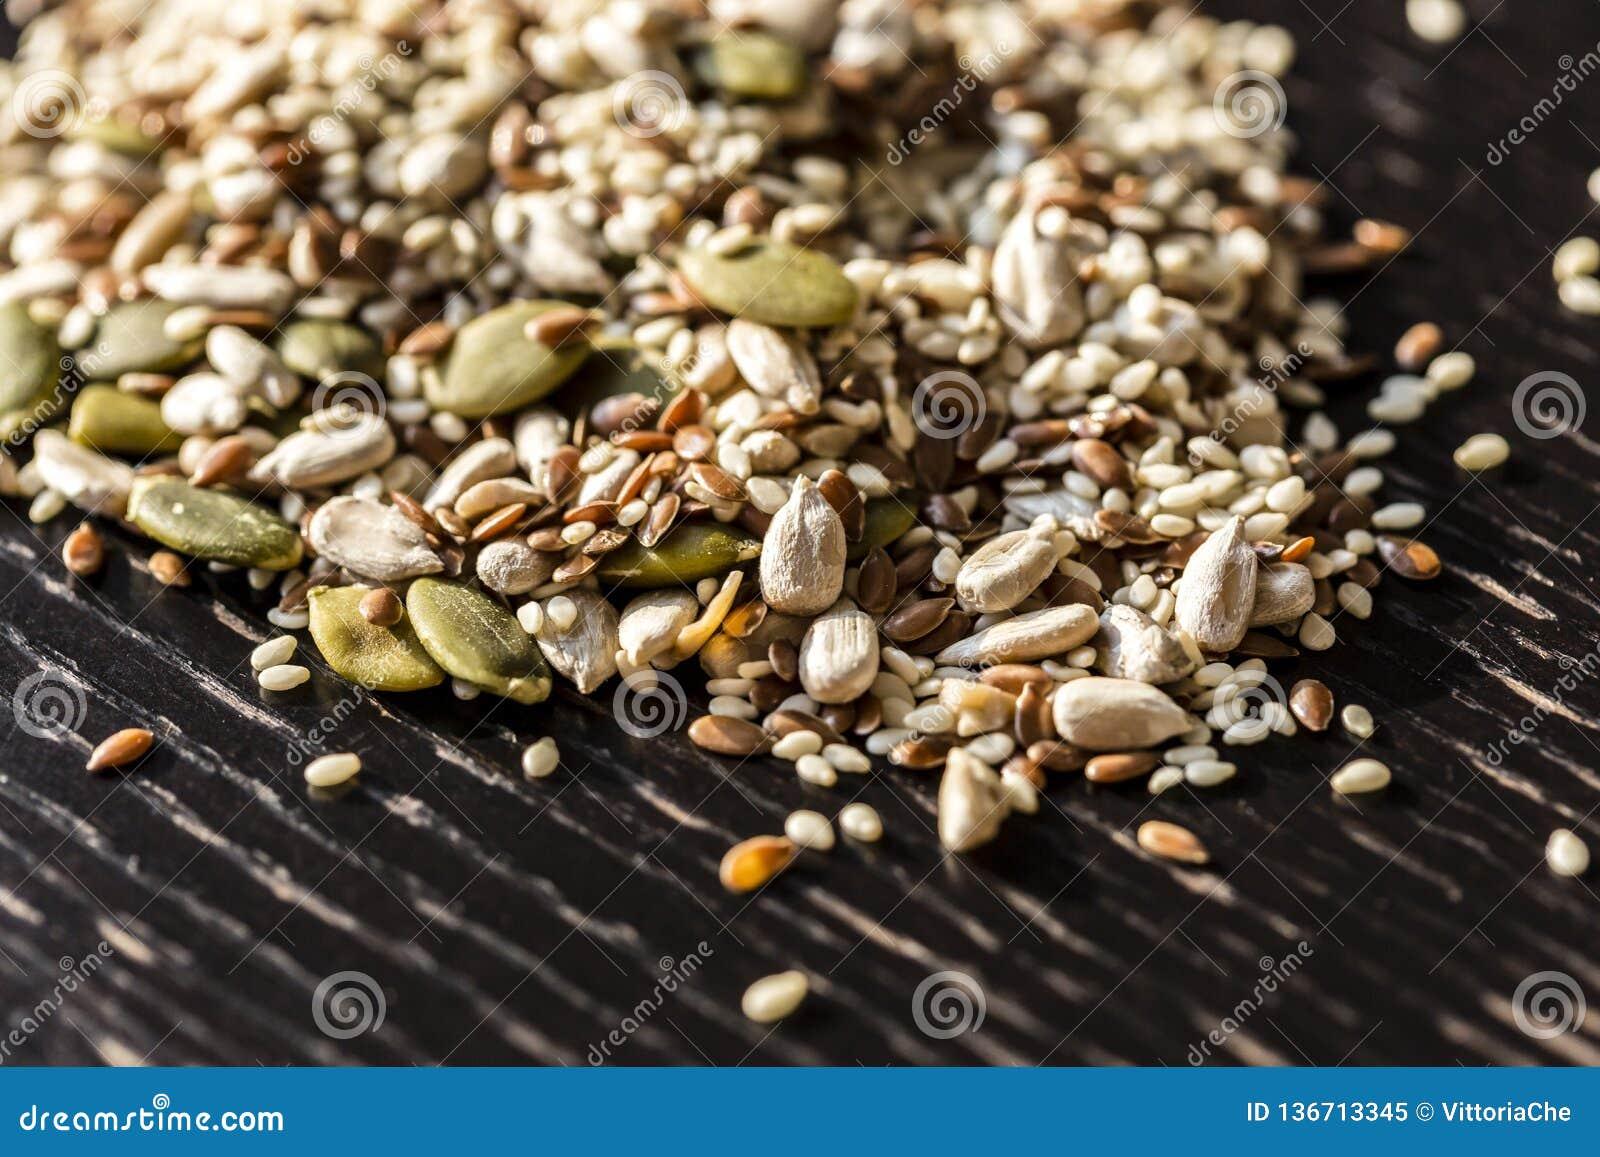 Graines sèches mélangées potiron, sésame, tournesol, lin pour la consommation saine sur la table noire en bois